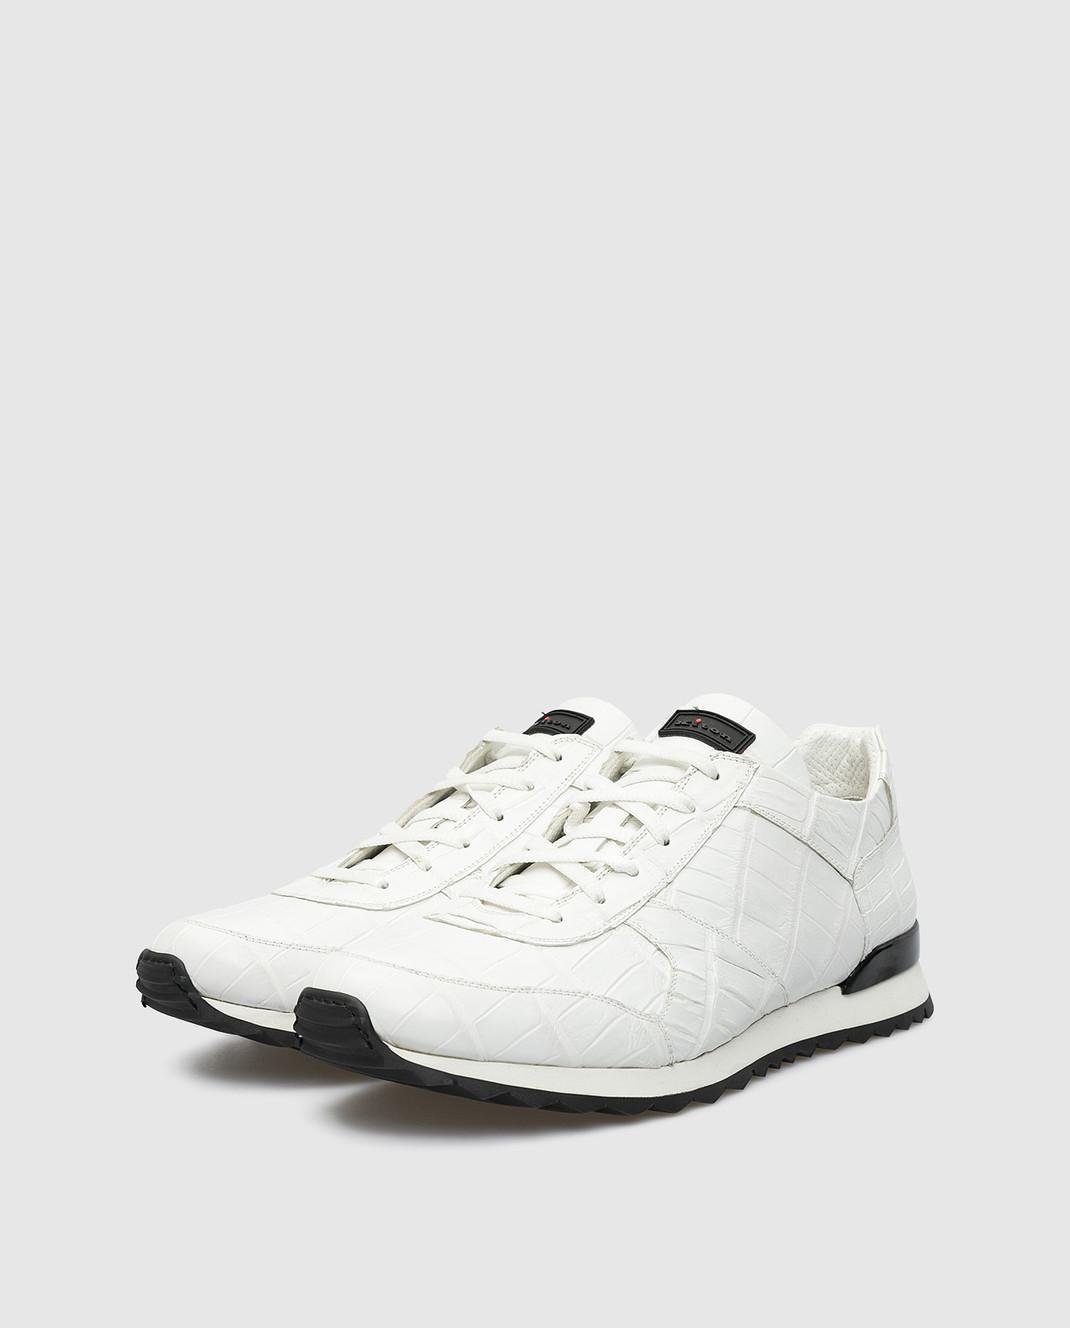 Kiton Белые кроссовки из кожи крокодила USSVLANN0010227 изображение 3